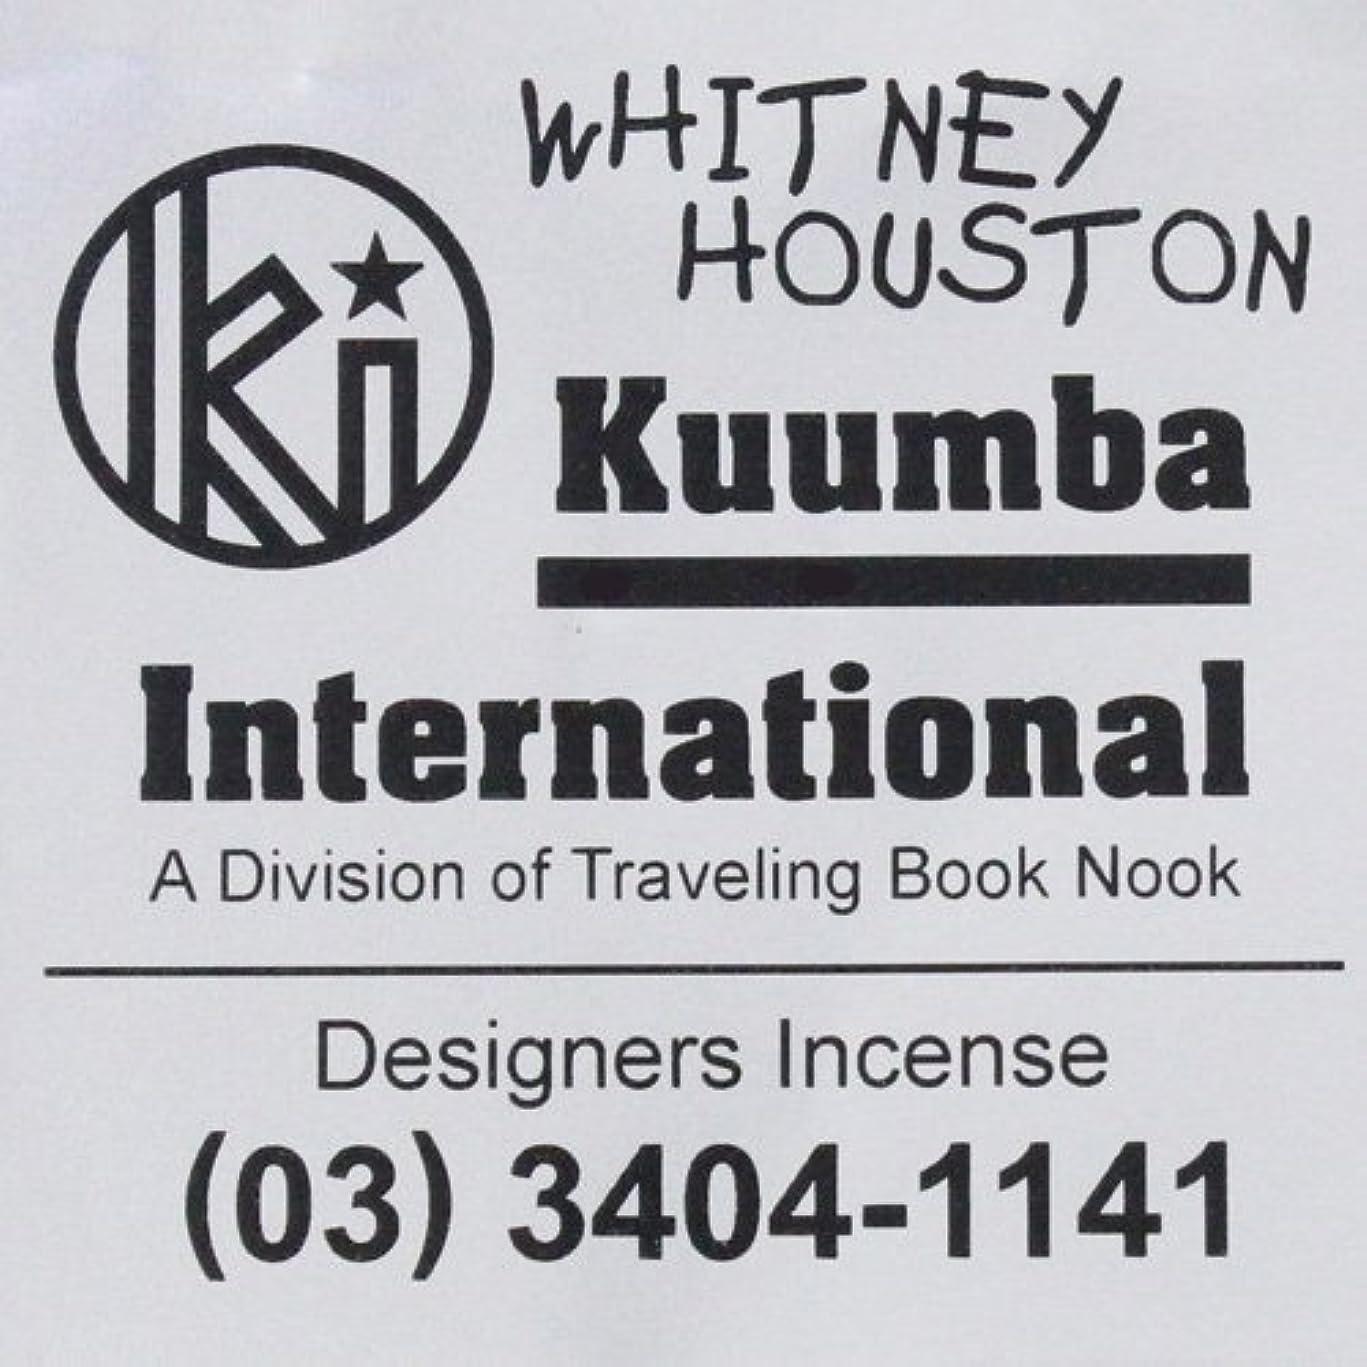 動揺させるマーケティング解釈KUUMBA (クンバ)『incense』(WHITNEY HOUSTON) (Regular size)